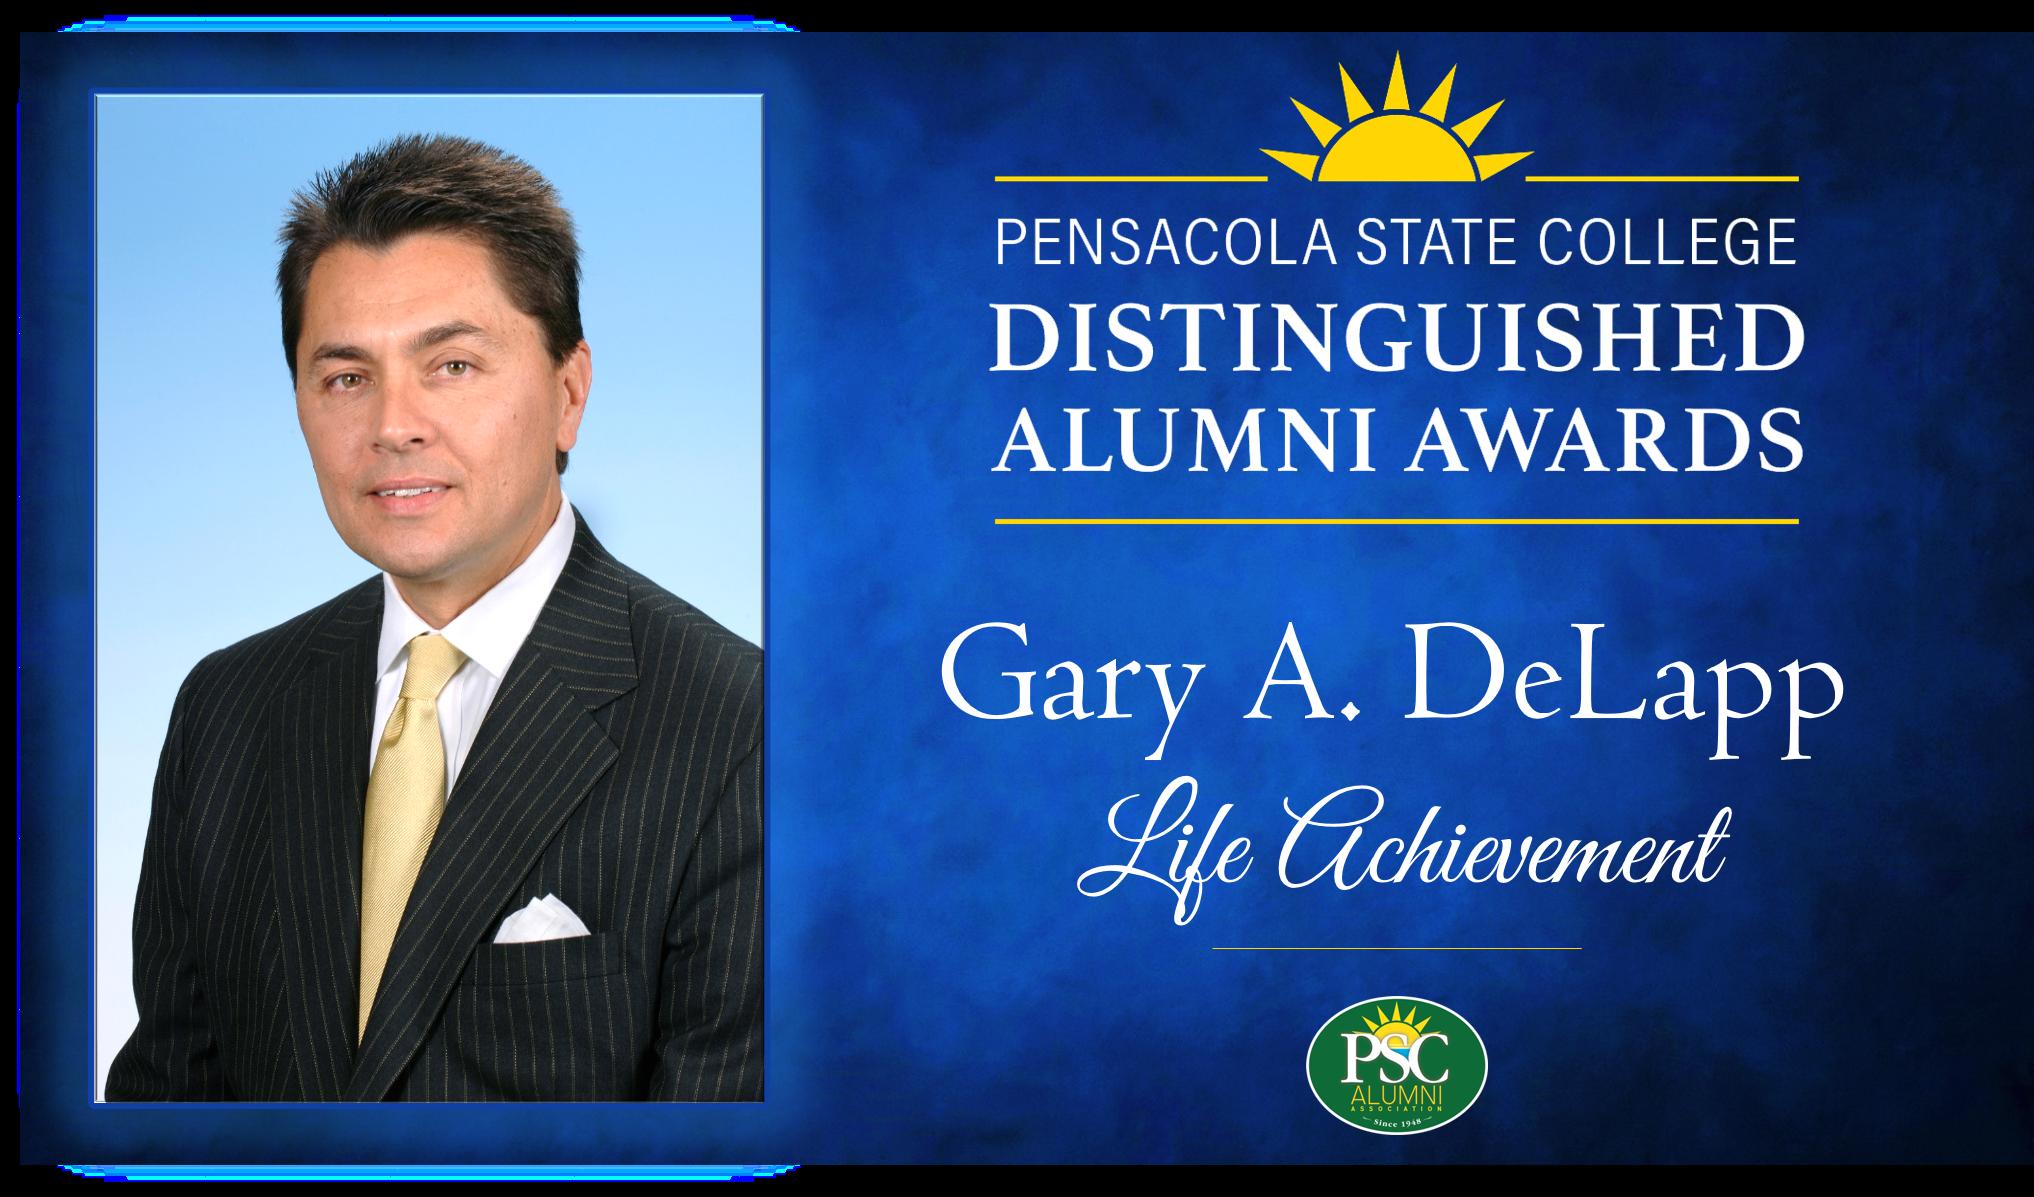 decorative image of deLapp , The 2019 Distinguished Alumni Awards 2019-05-06 08:48:57